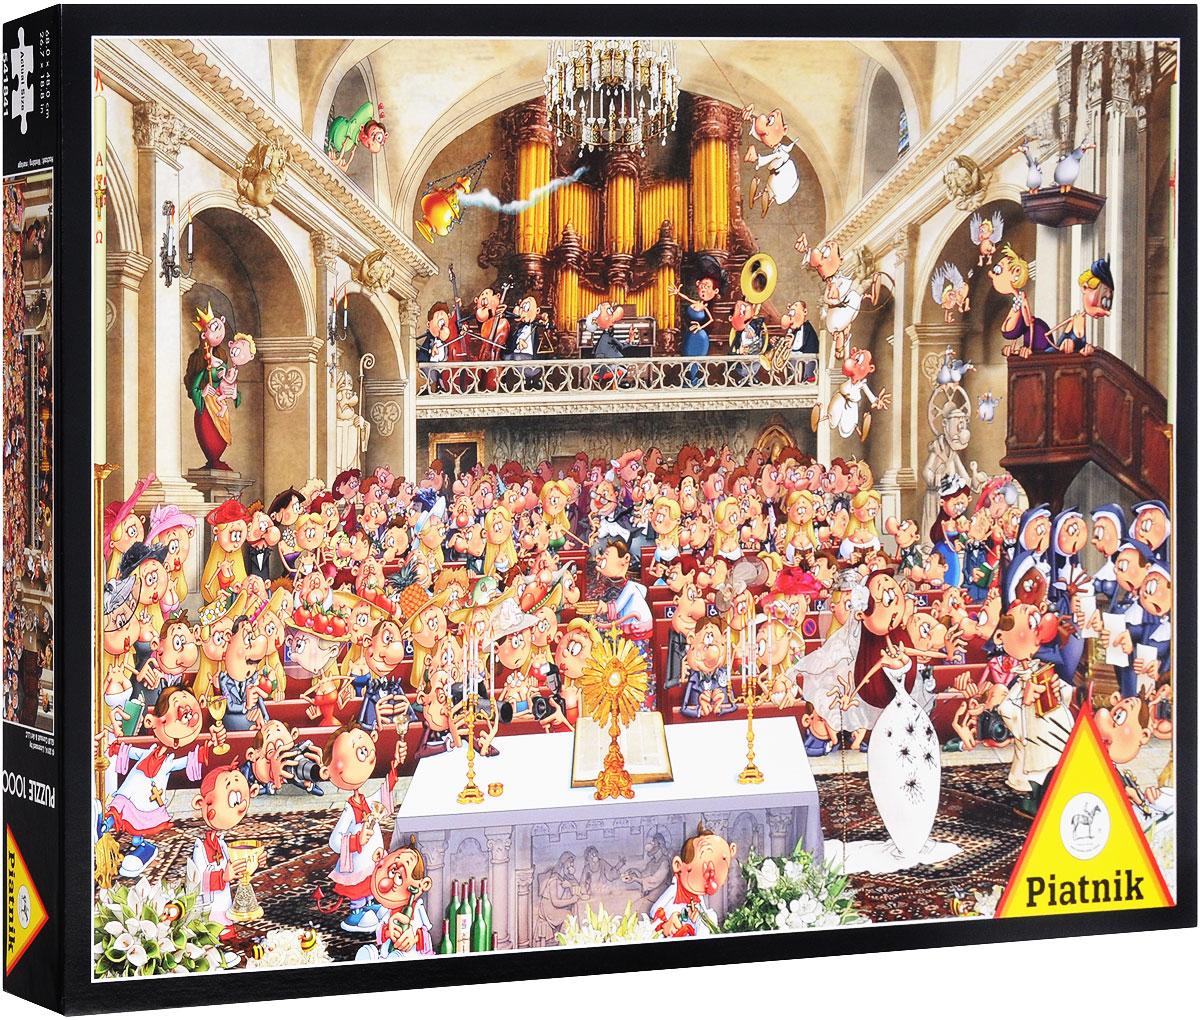 Piatnik Пазл Свадьба - Piatnik541841Пазл Piatnik Свадьба станет хорошим подарком всем любителям пазлов и головоломок! Собрав этот пазл, включающий в себя 1000 элементов, вы получите яркую картинку, выполненную известным французским художником-иллюстратором Франсуа Руйе. Чтобы справиться с задачей вам будет необходимо приложить немалую долю внимания и терпения. Вы сразу поймете, подходят ли детали друг к другу, за счет уникальной формы каждого элемента. А качественный материал не позволит картине потускнеть с течением времени. Собирание пазла - это увлекательное, познавательное занятие, а также прекрасное времяпрепровождение для всей семьи. Размер готового пазла: 68 см х 48 см.